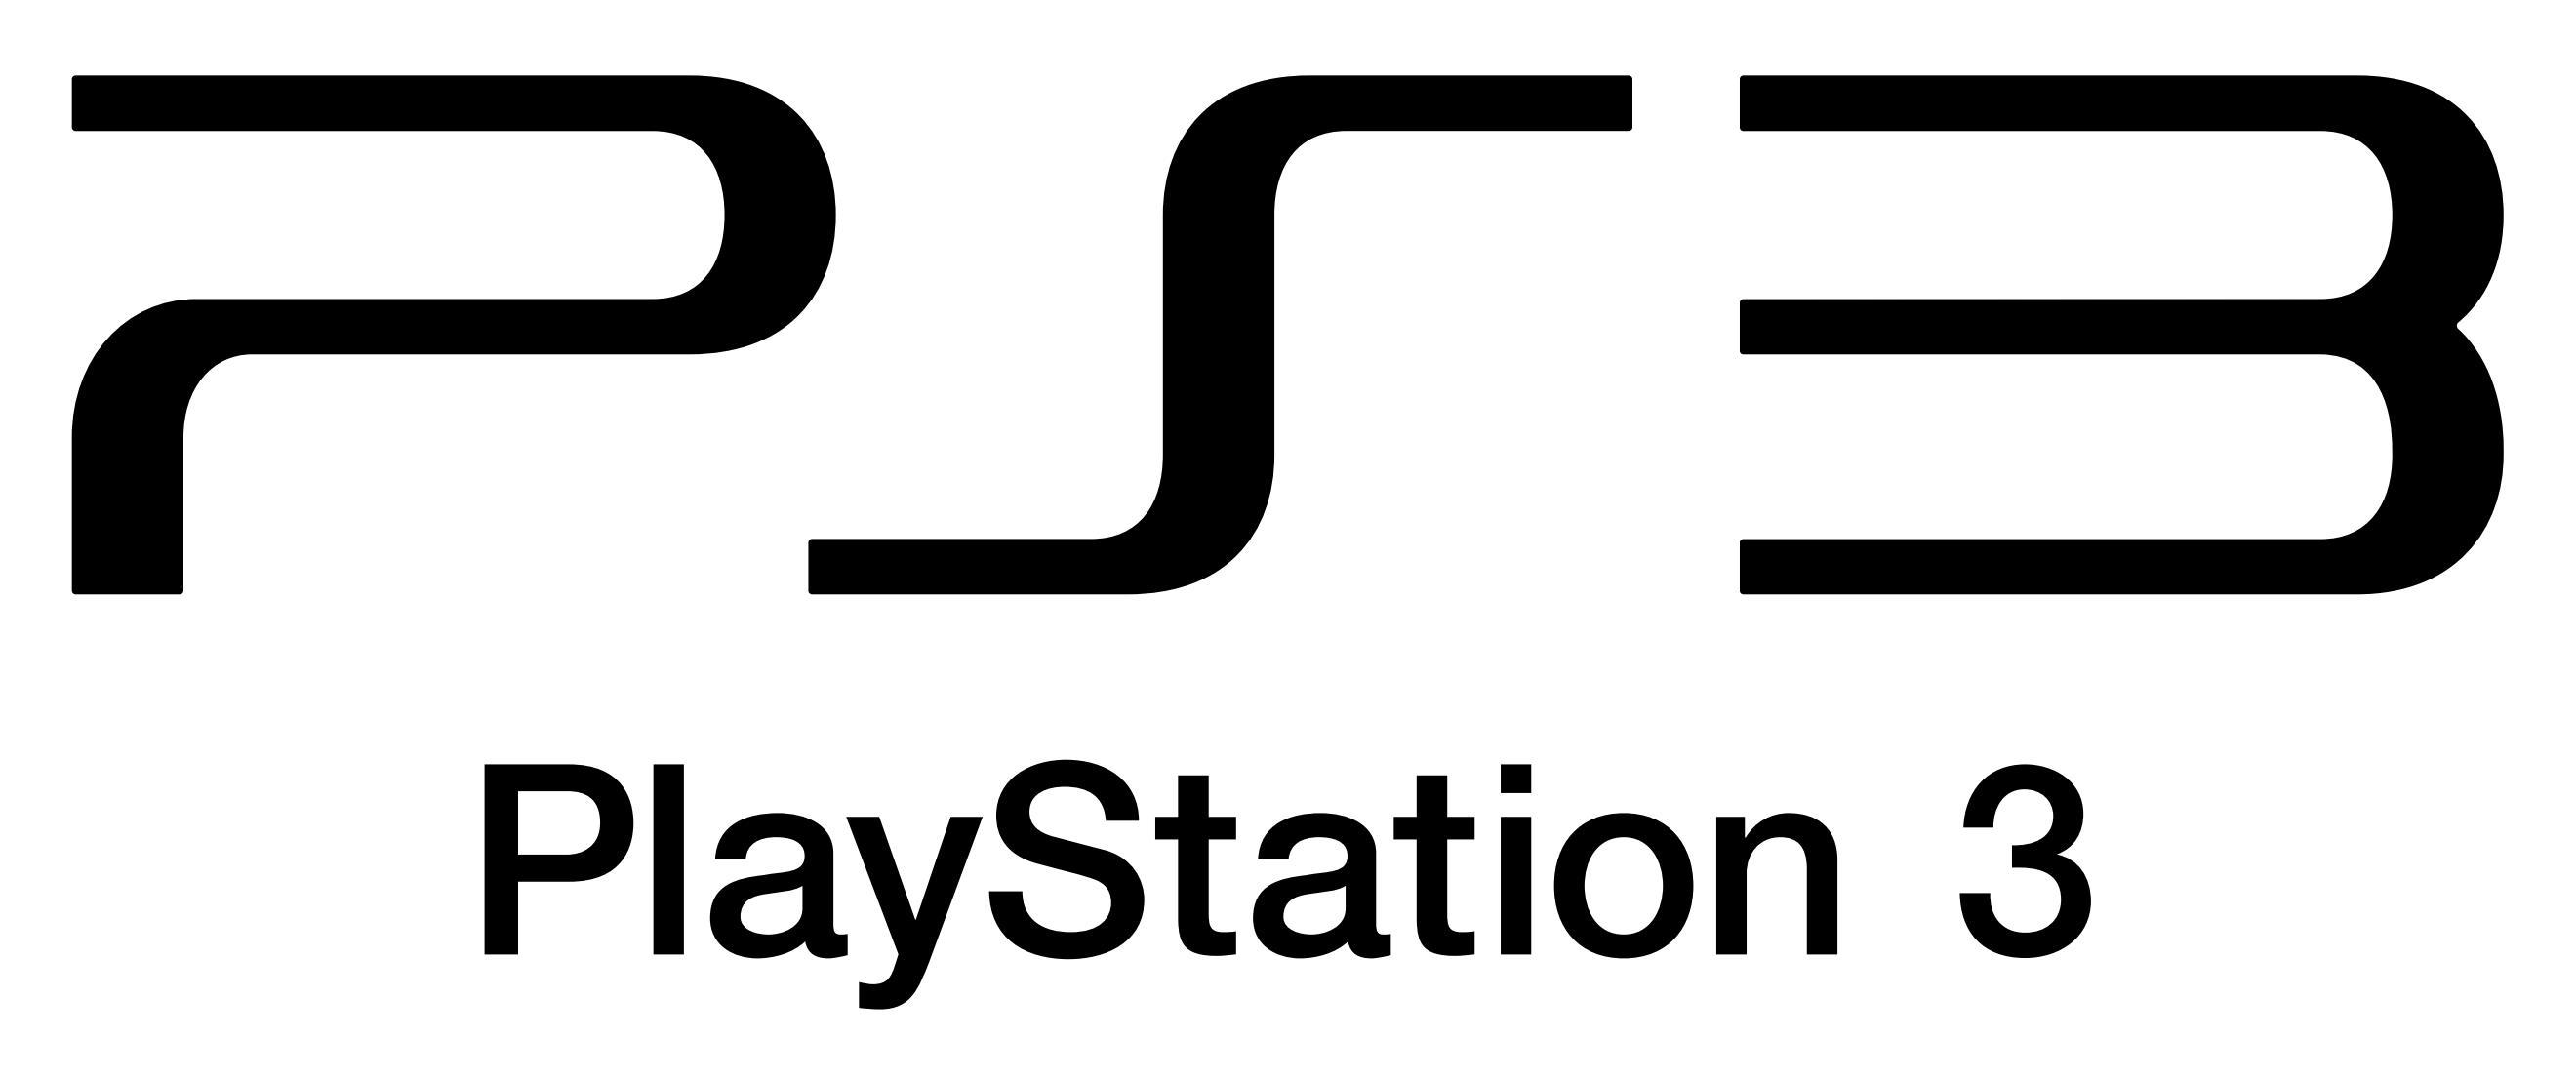 PS3_PlayStation_3_Logo